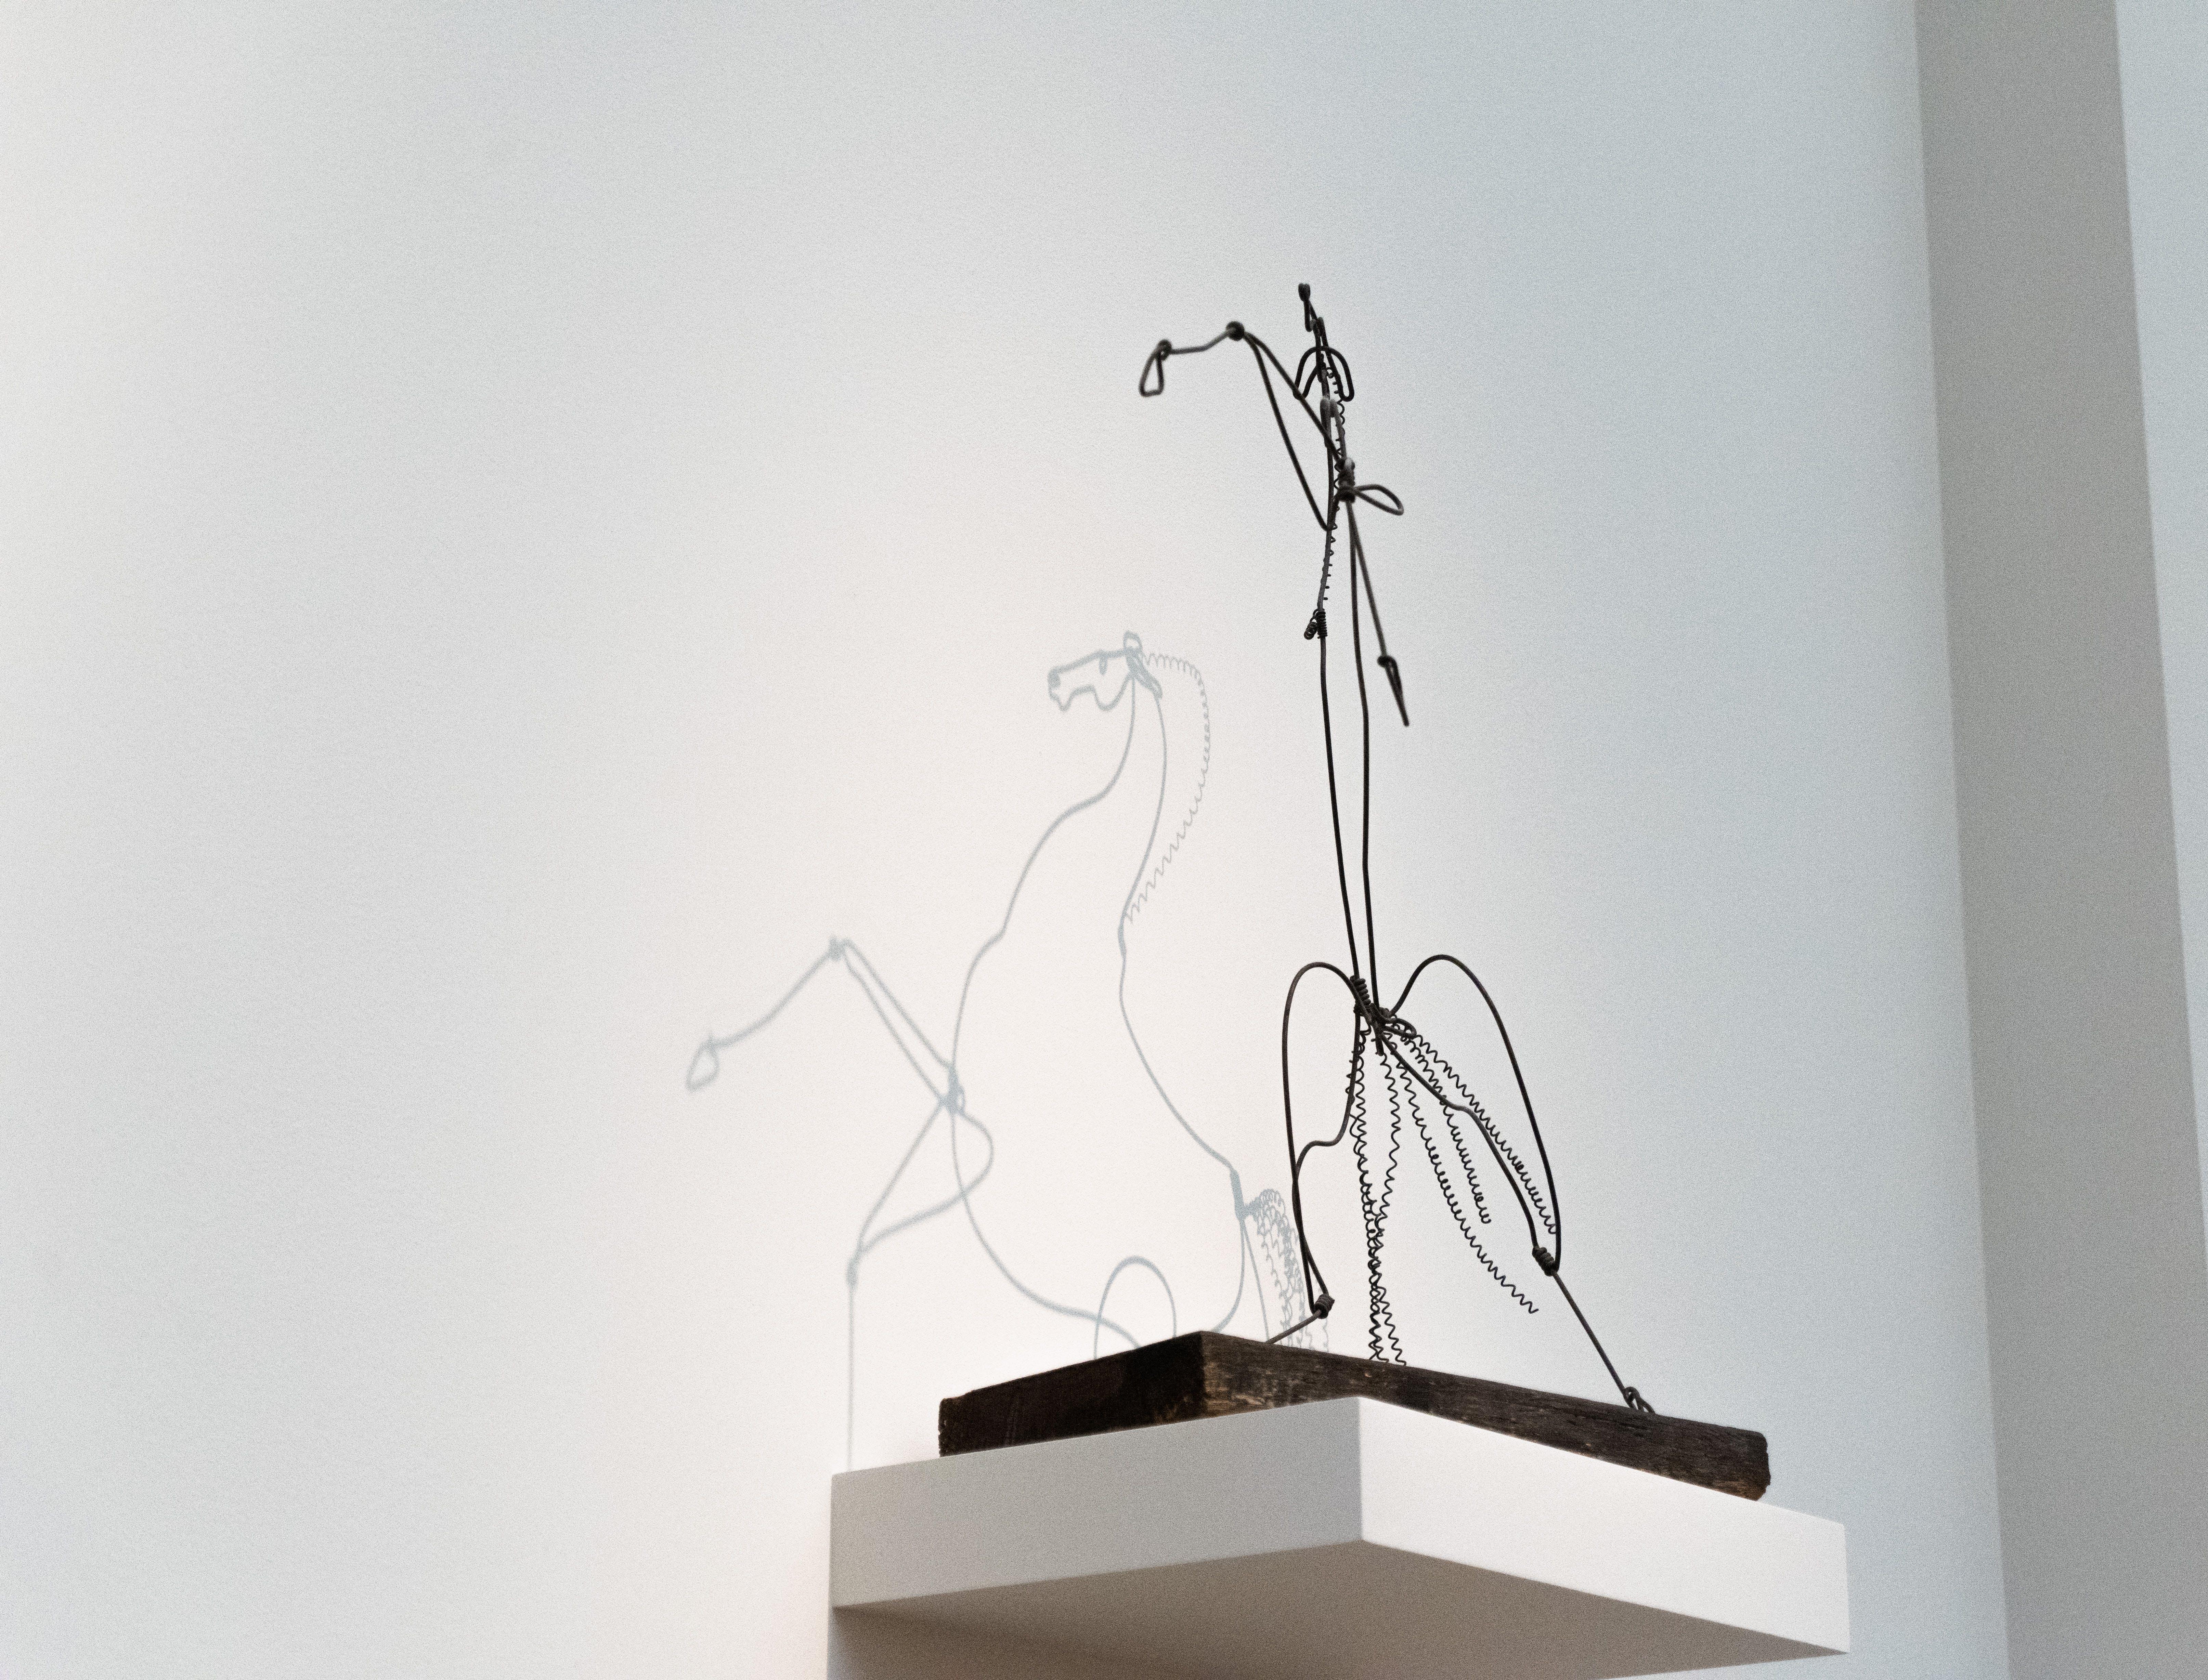 Fotos de stock gratuitas de arte Moderno